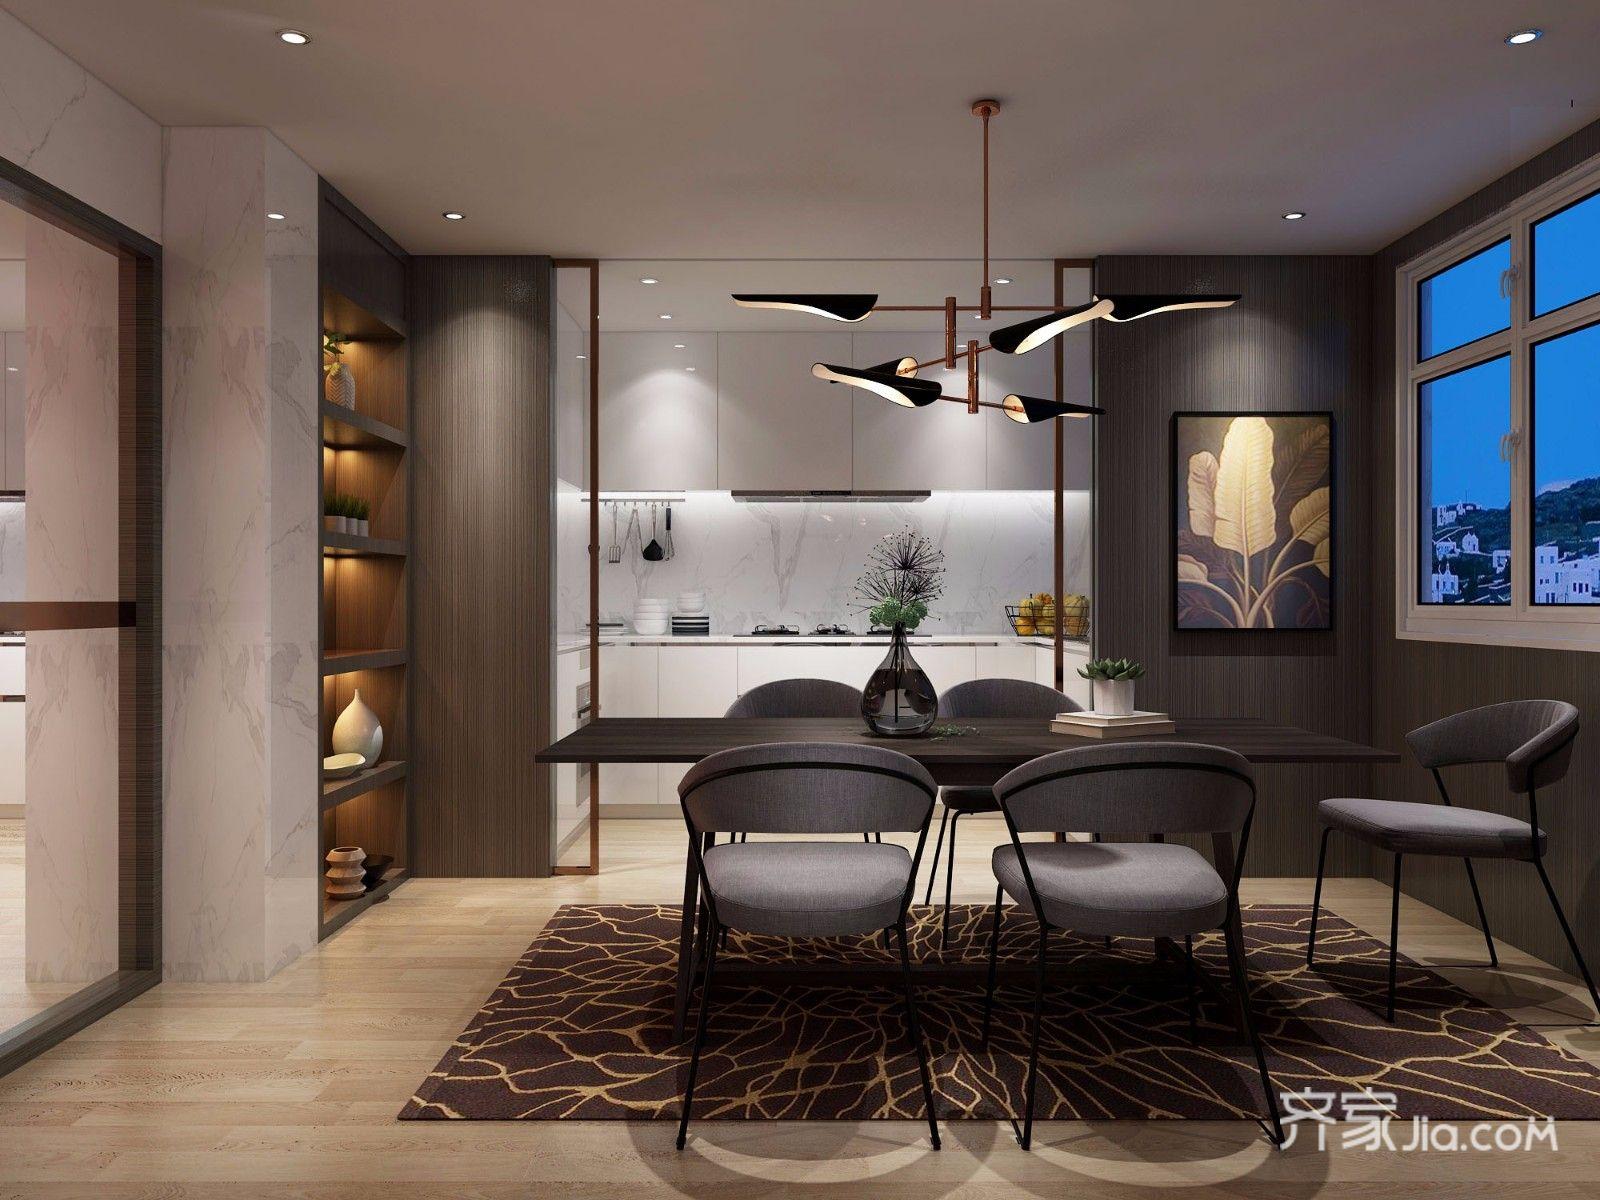 欧式别墅装修餐厅设计效果图